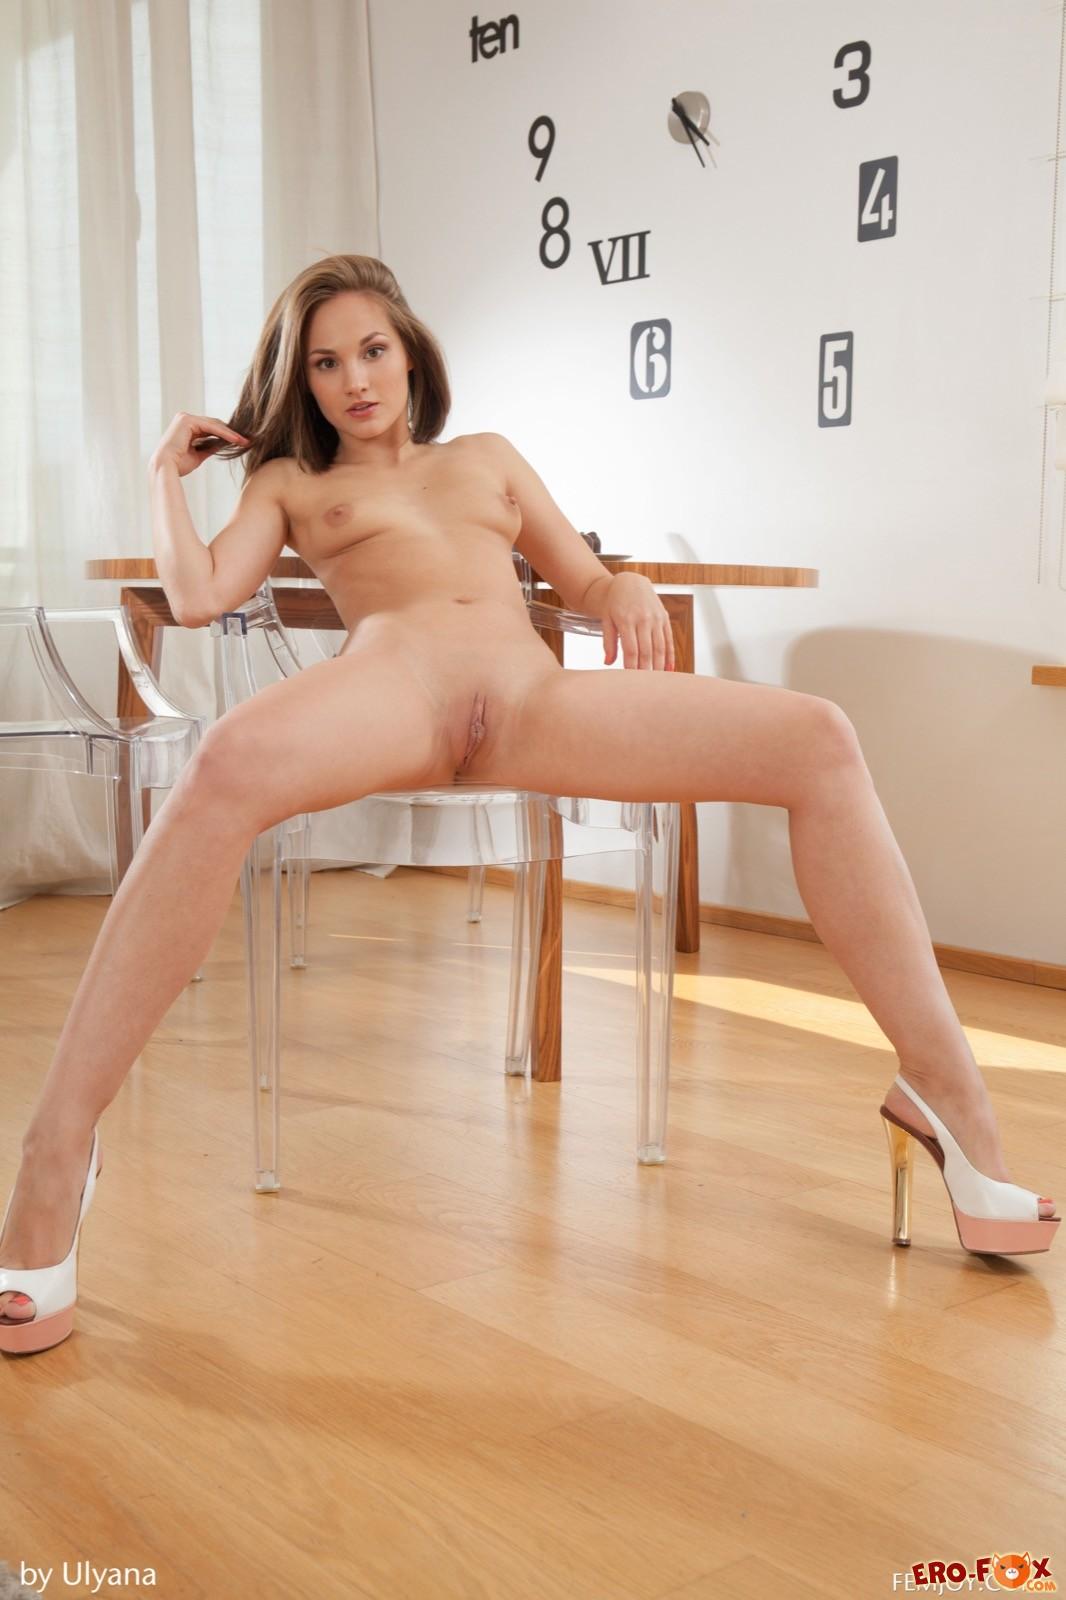 Симпатичная голая девушка с маленькой грудью